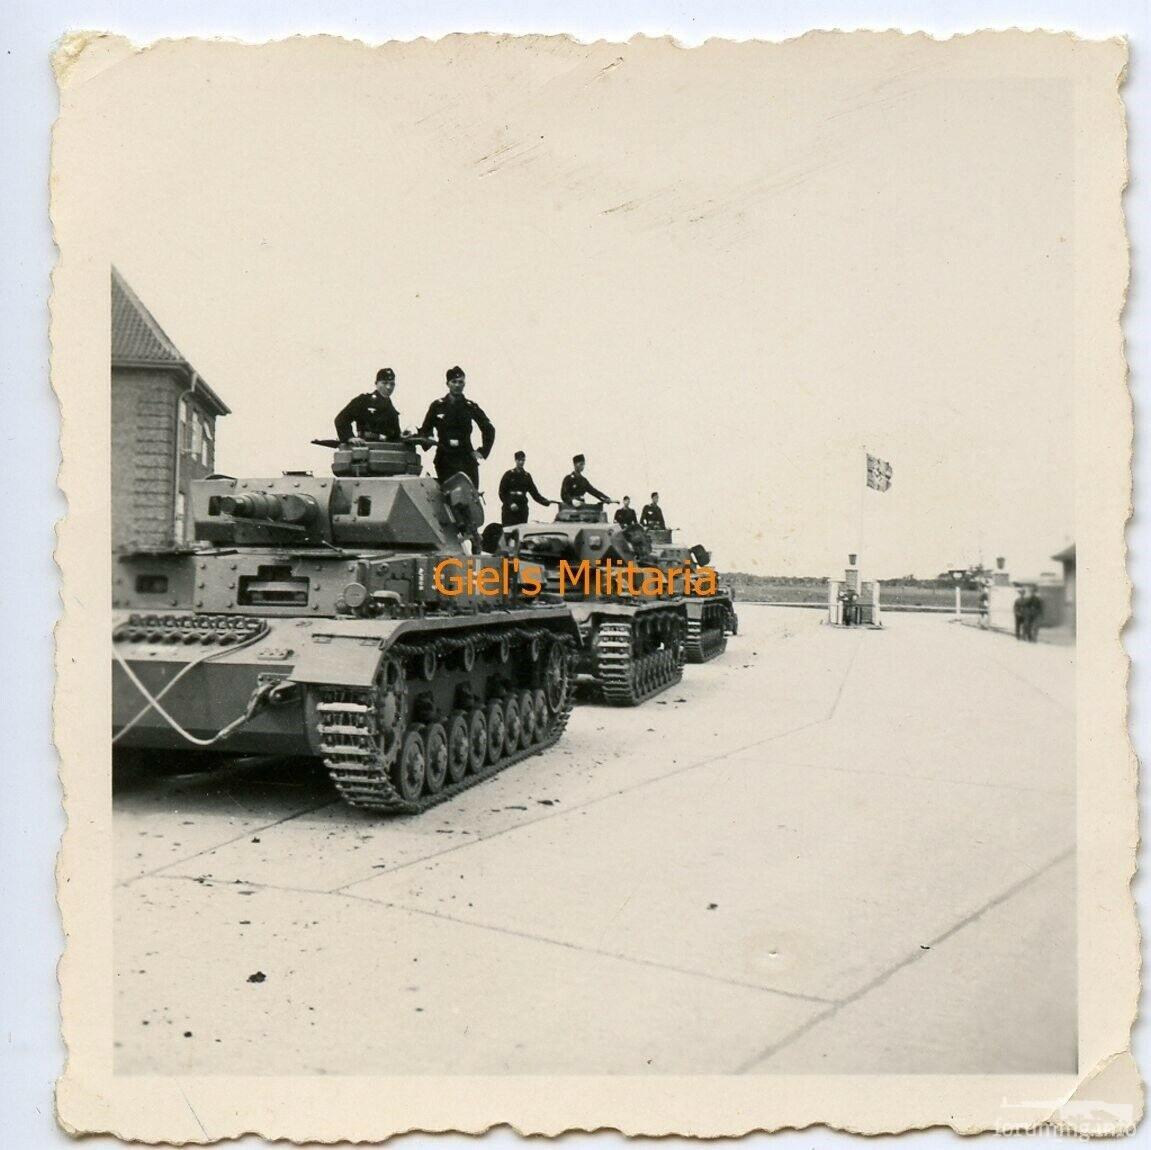 121131 - Achtung Panzer!